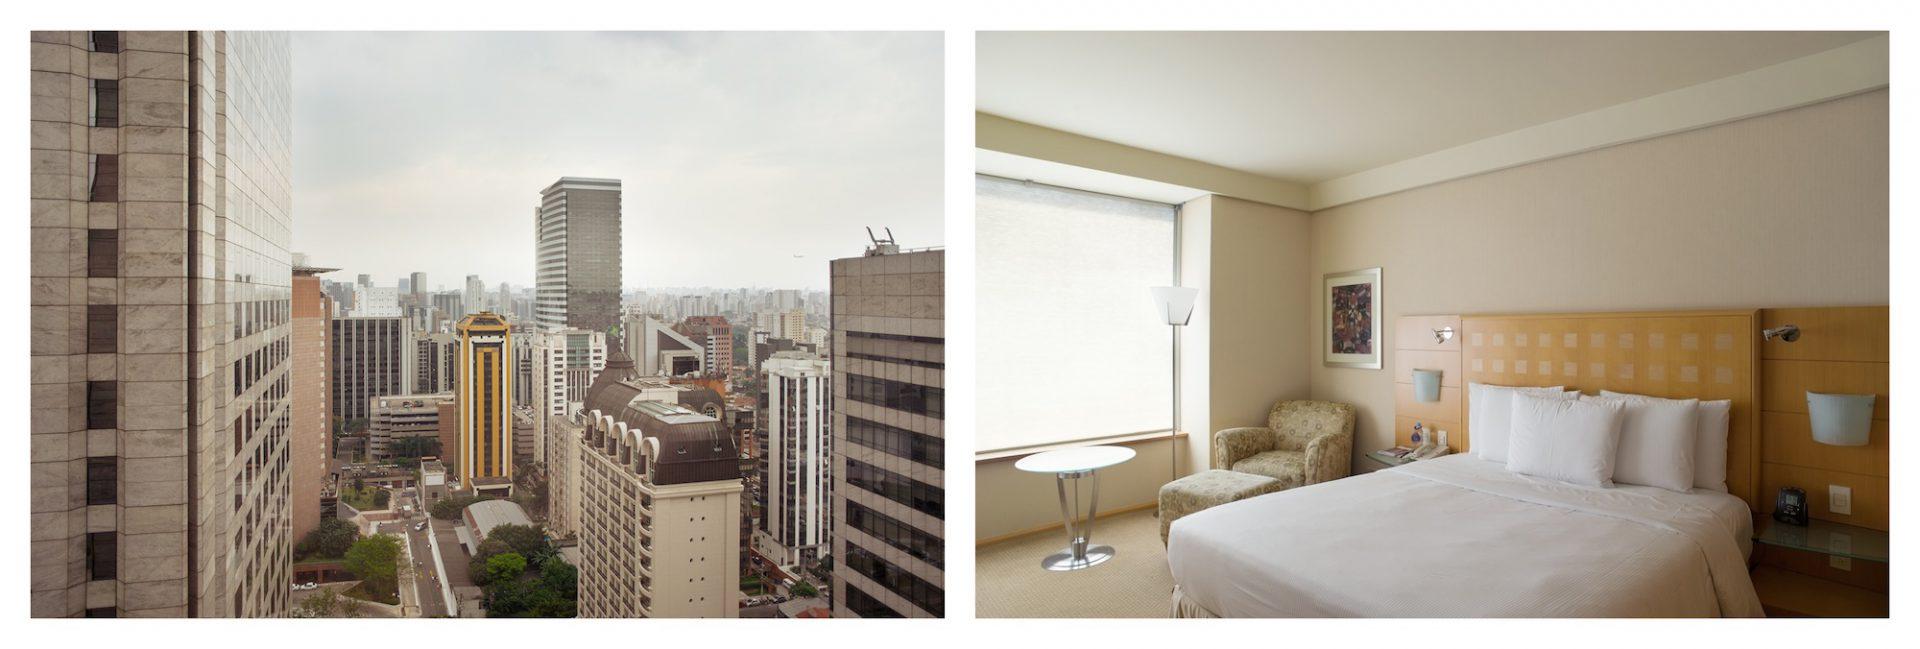 Seite 38–39.  25.09.2015, São Paulo, Room 1909